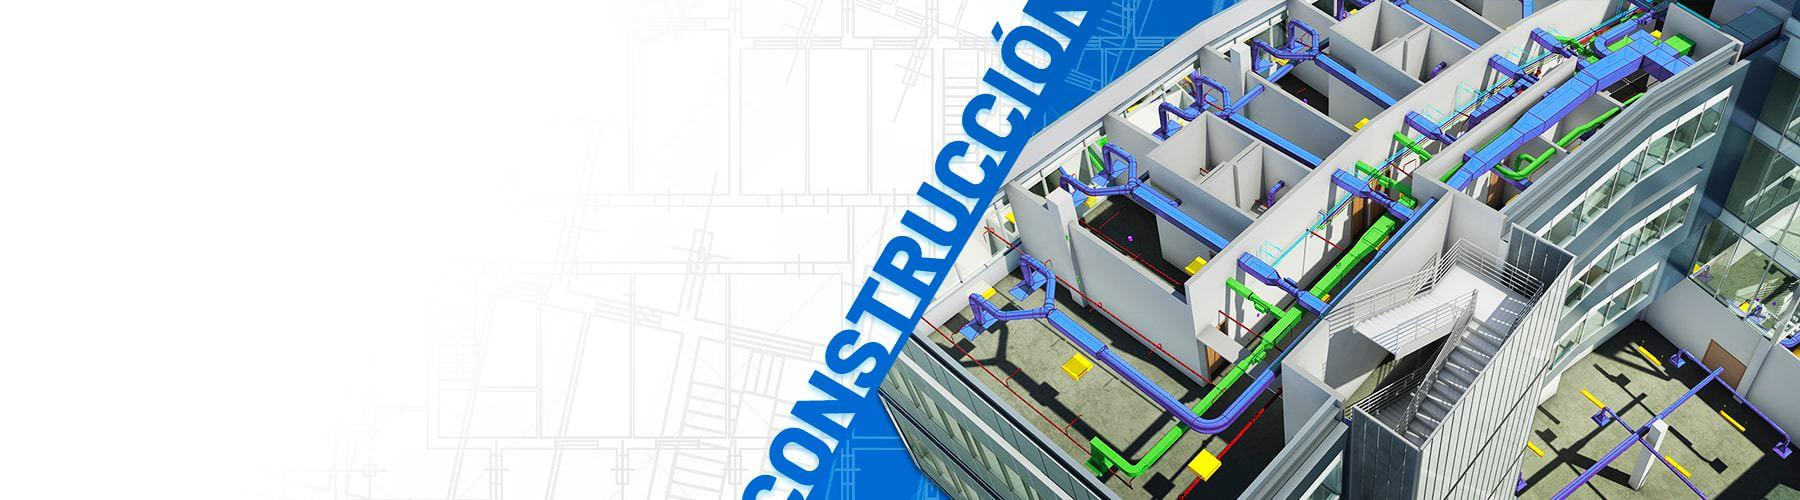 vertical de construcción autodesk semcocad